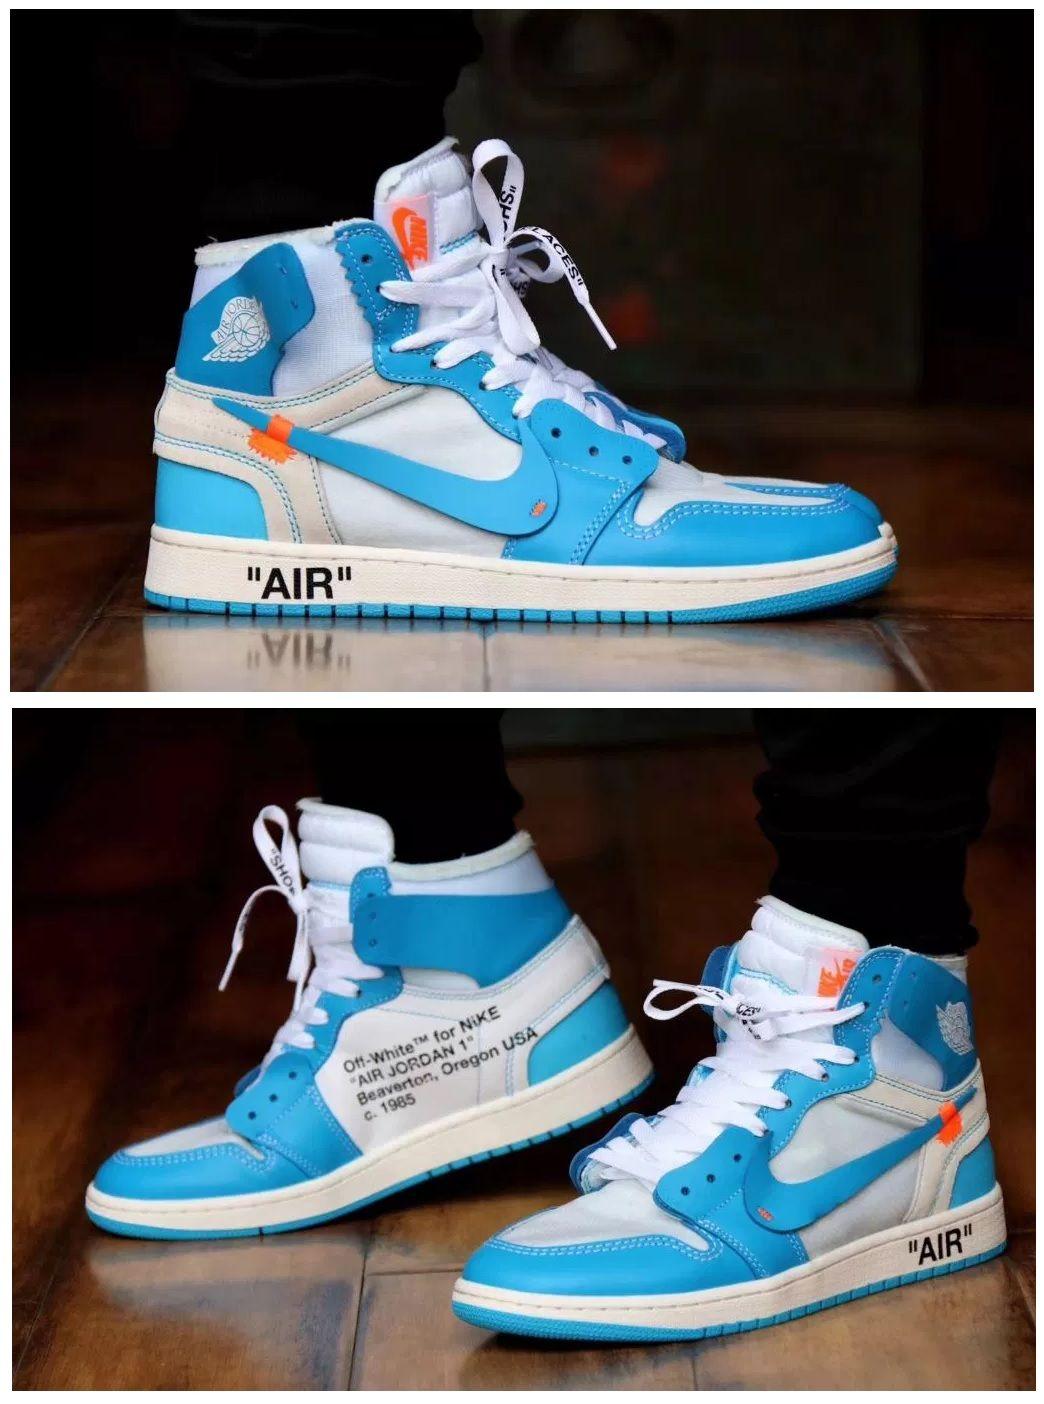 a073525af070 Virgil Abloh x Nike Air Jordan 1